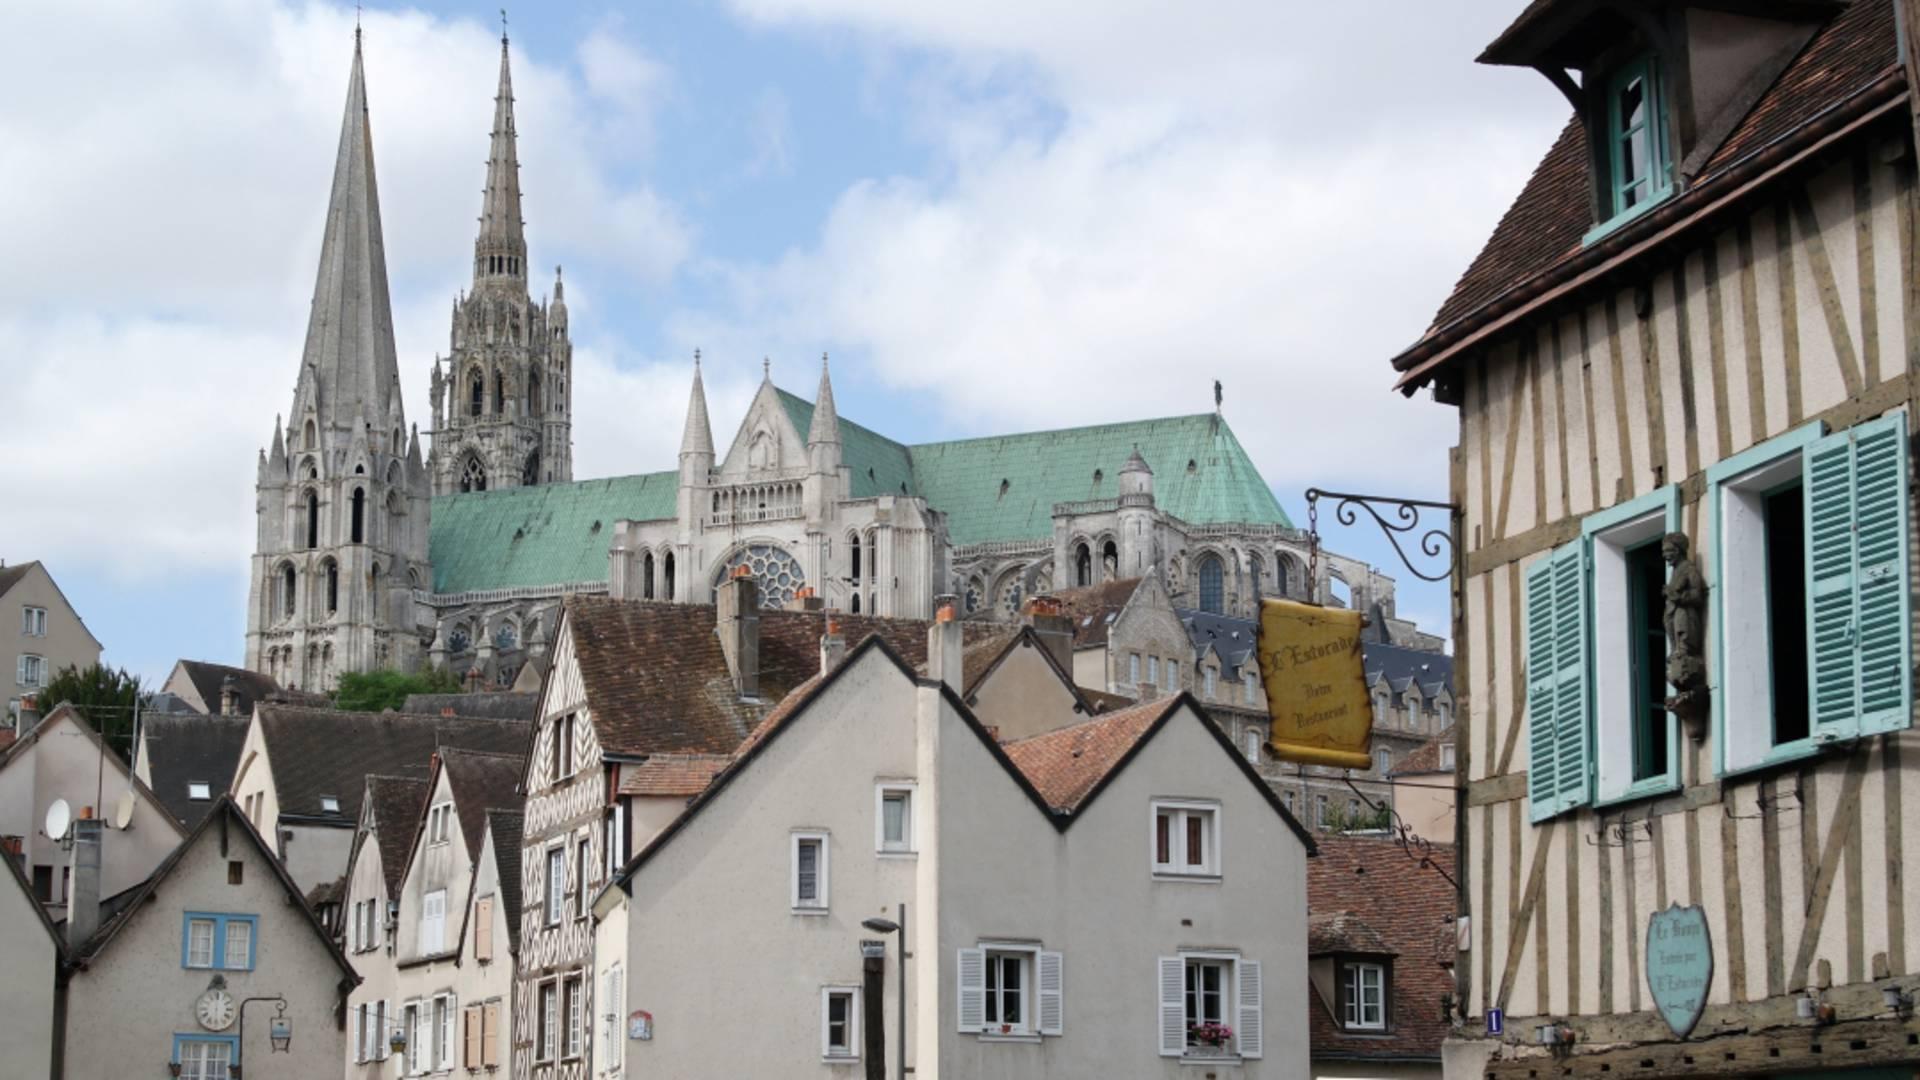 Vue de la cathédrale depuis la basse ville de Chartres